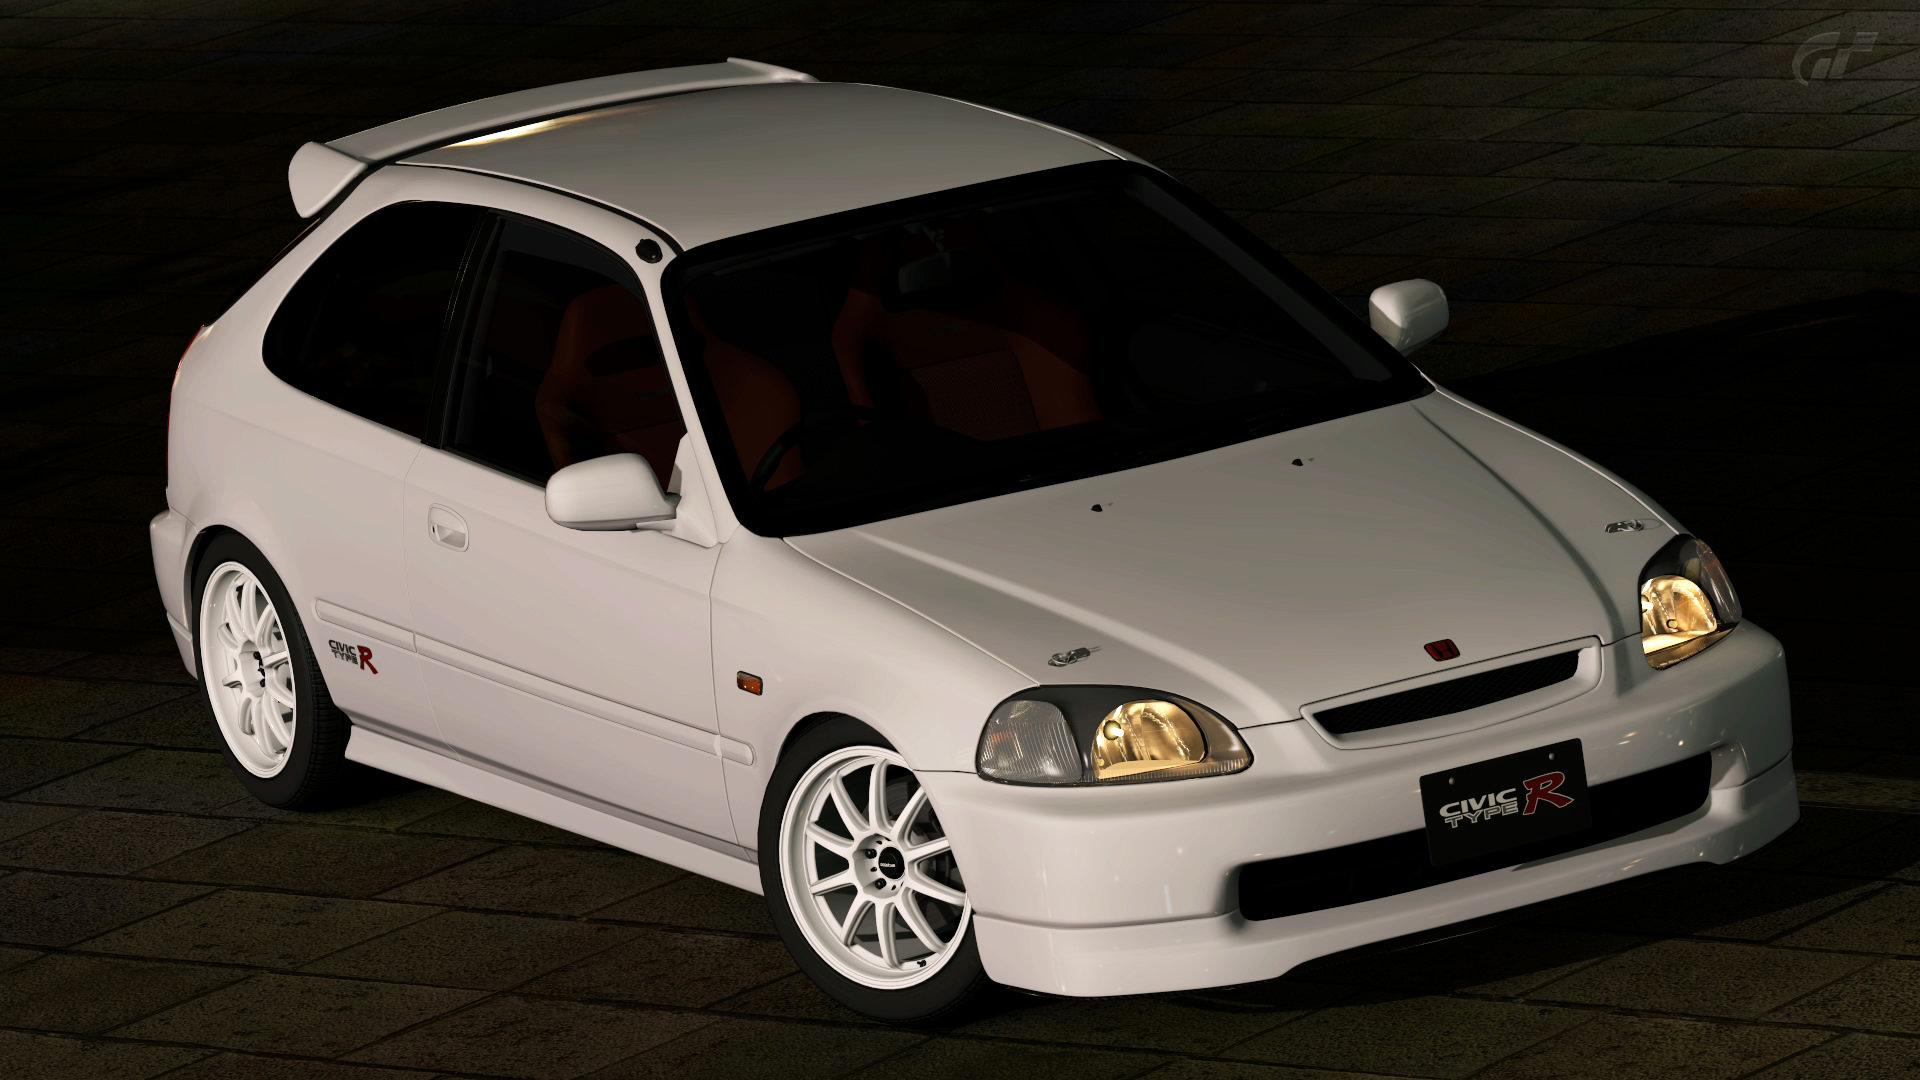 Kelebihan Honda Civic Type R 1997 Murah Berkualitas